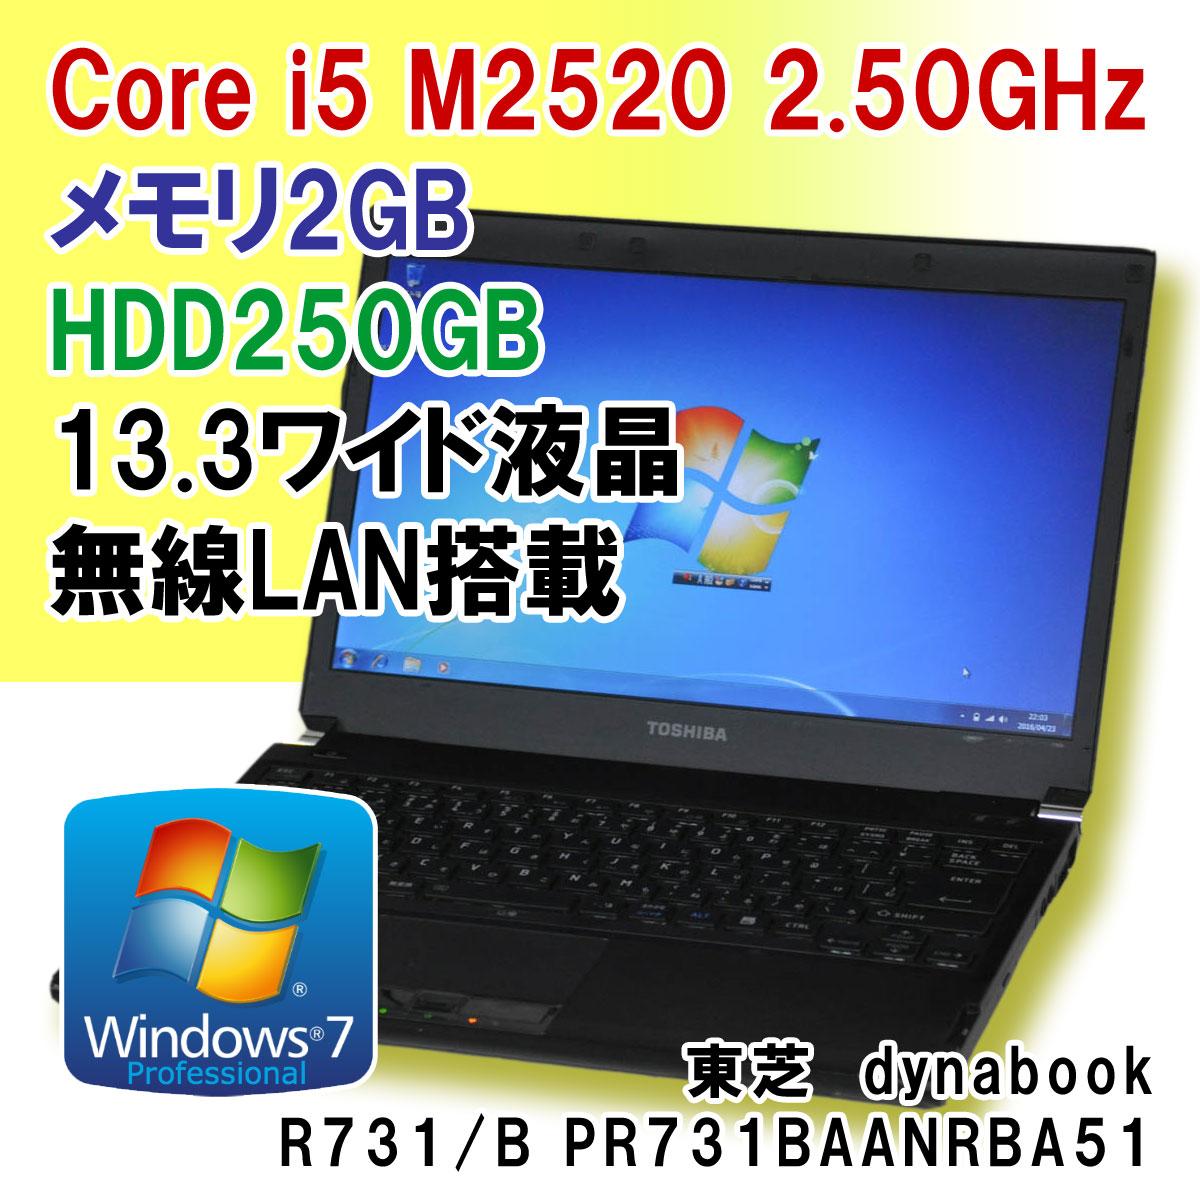 【中古】ノートパソコン/東芝/13.3型LED/Windows7Pro/intel Core i5 M2520 2.50GHz/メモリ2GB/HDD250GB/無線LAN搭載/dynabook R731/B PR731BAANRBA51